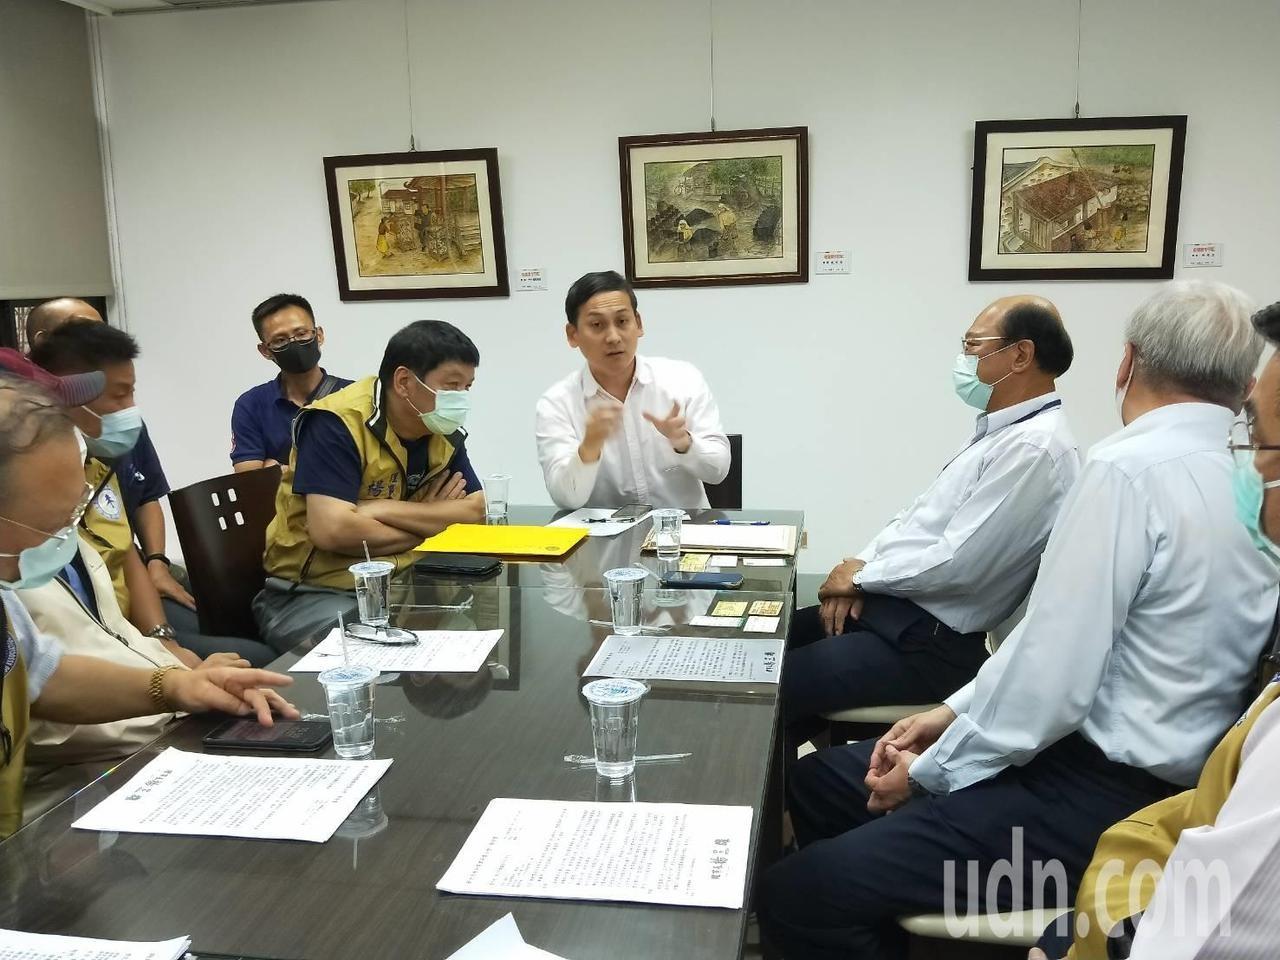 新北市議員葉元之(中)今找來環保局與業者舉行協調會。記者江婉儀/攝影